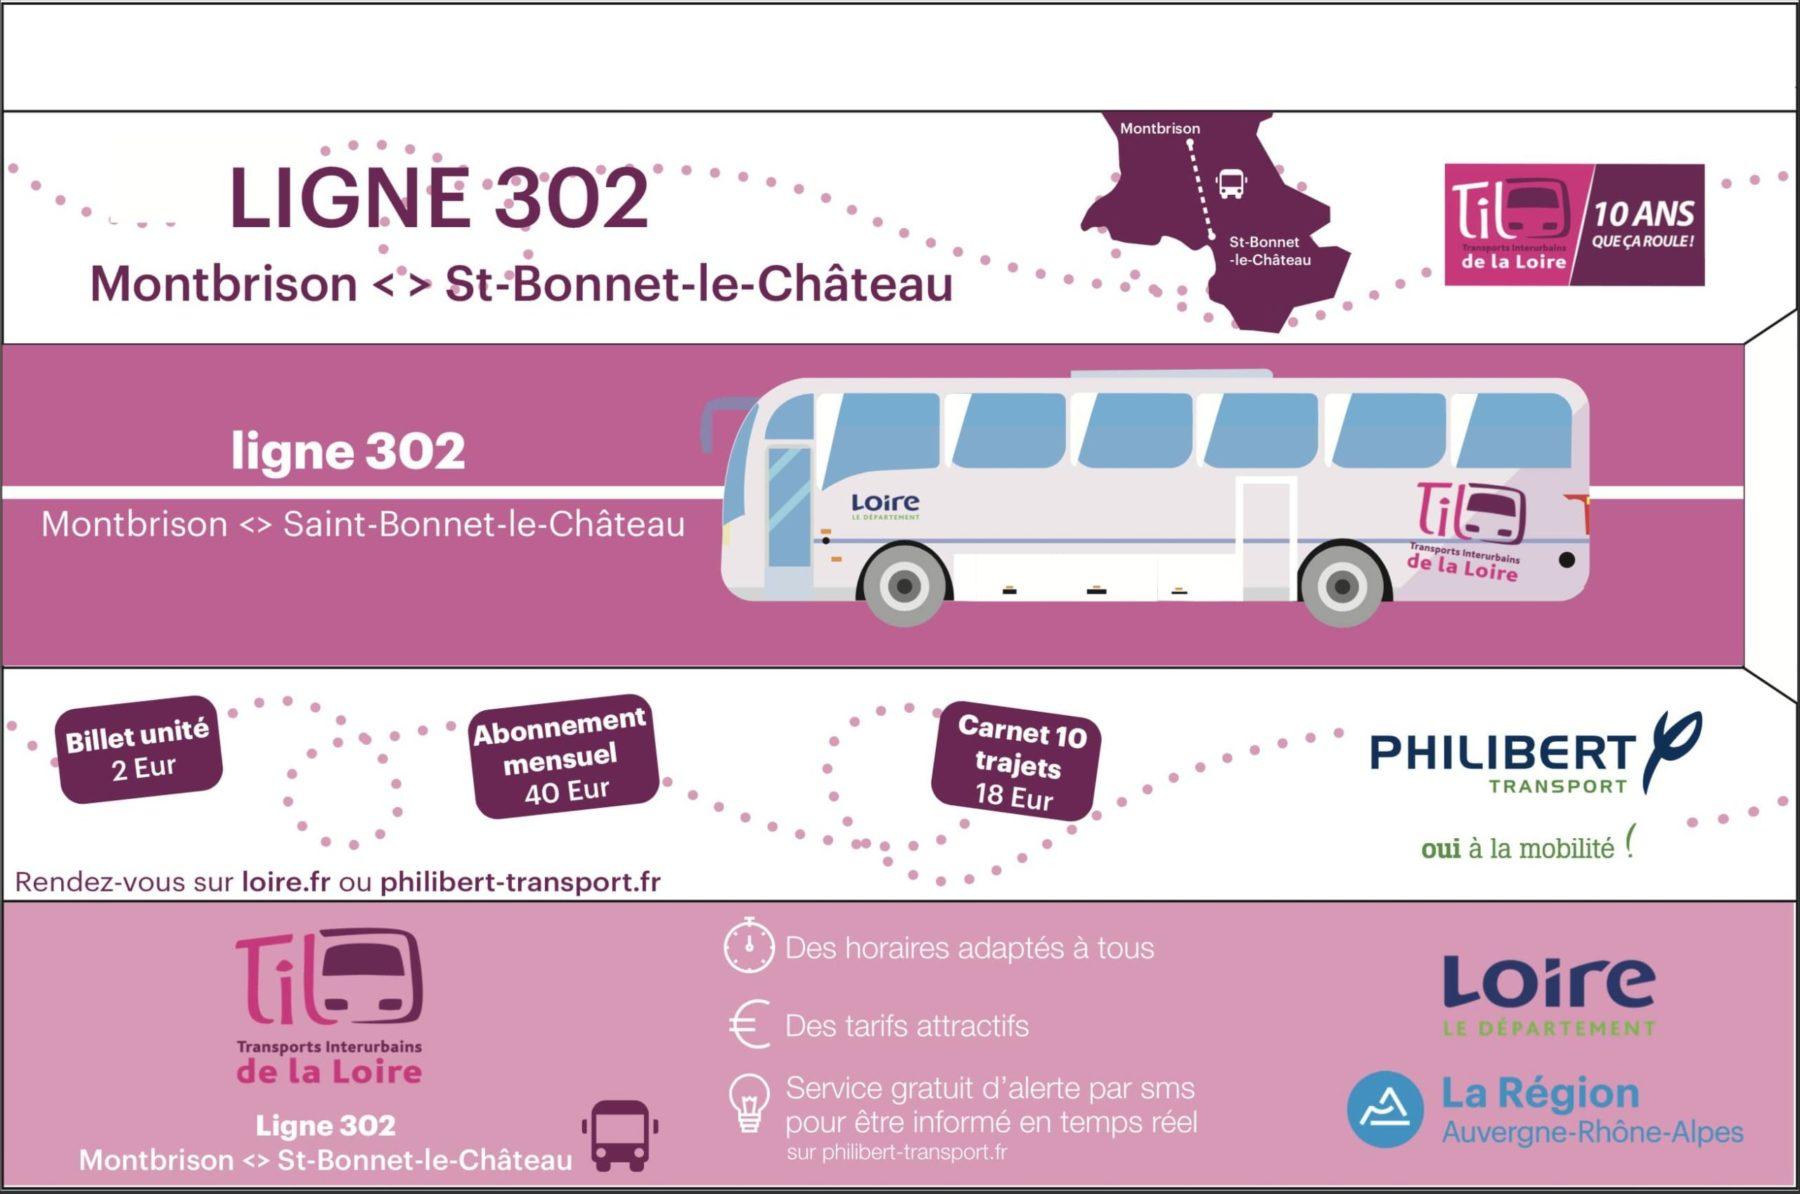 Visuel du sac à pain publicitaire pour les TIL par l'intermédiaire de Philibert Transport